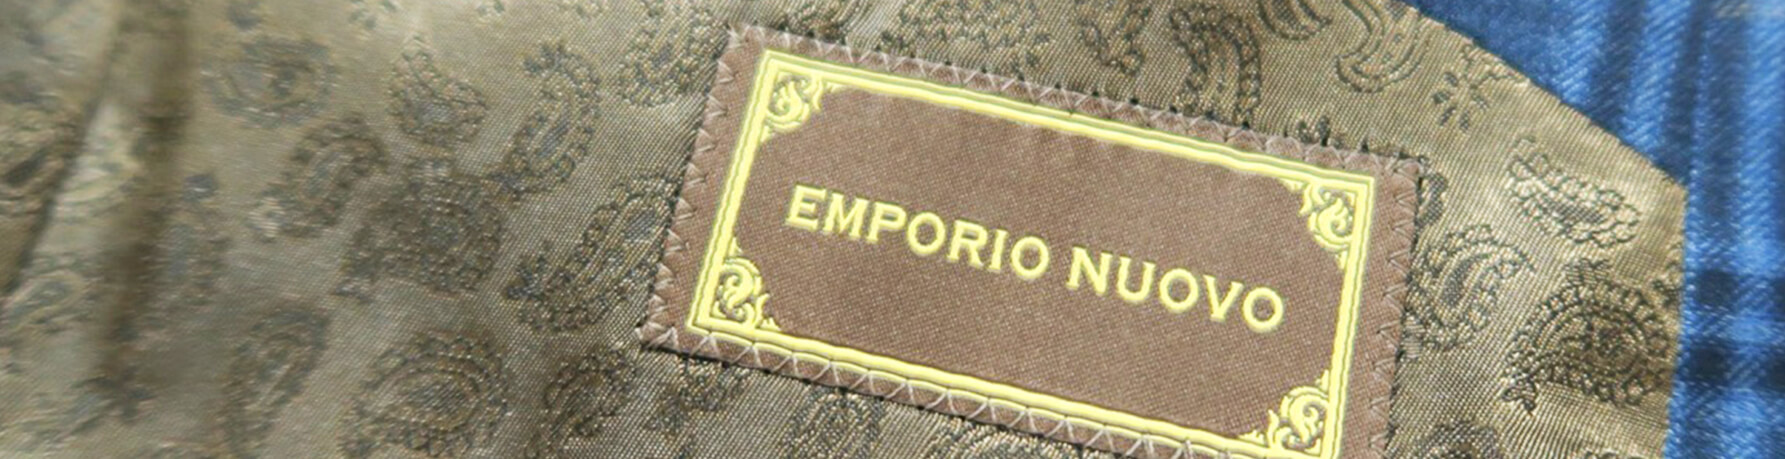 EMPORIO NUOVO